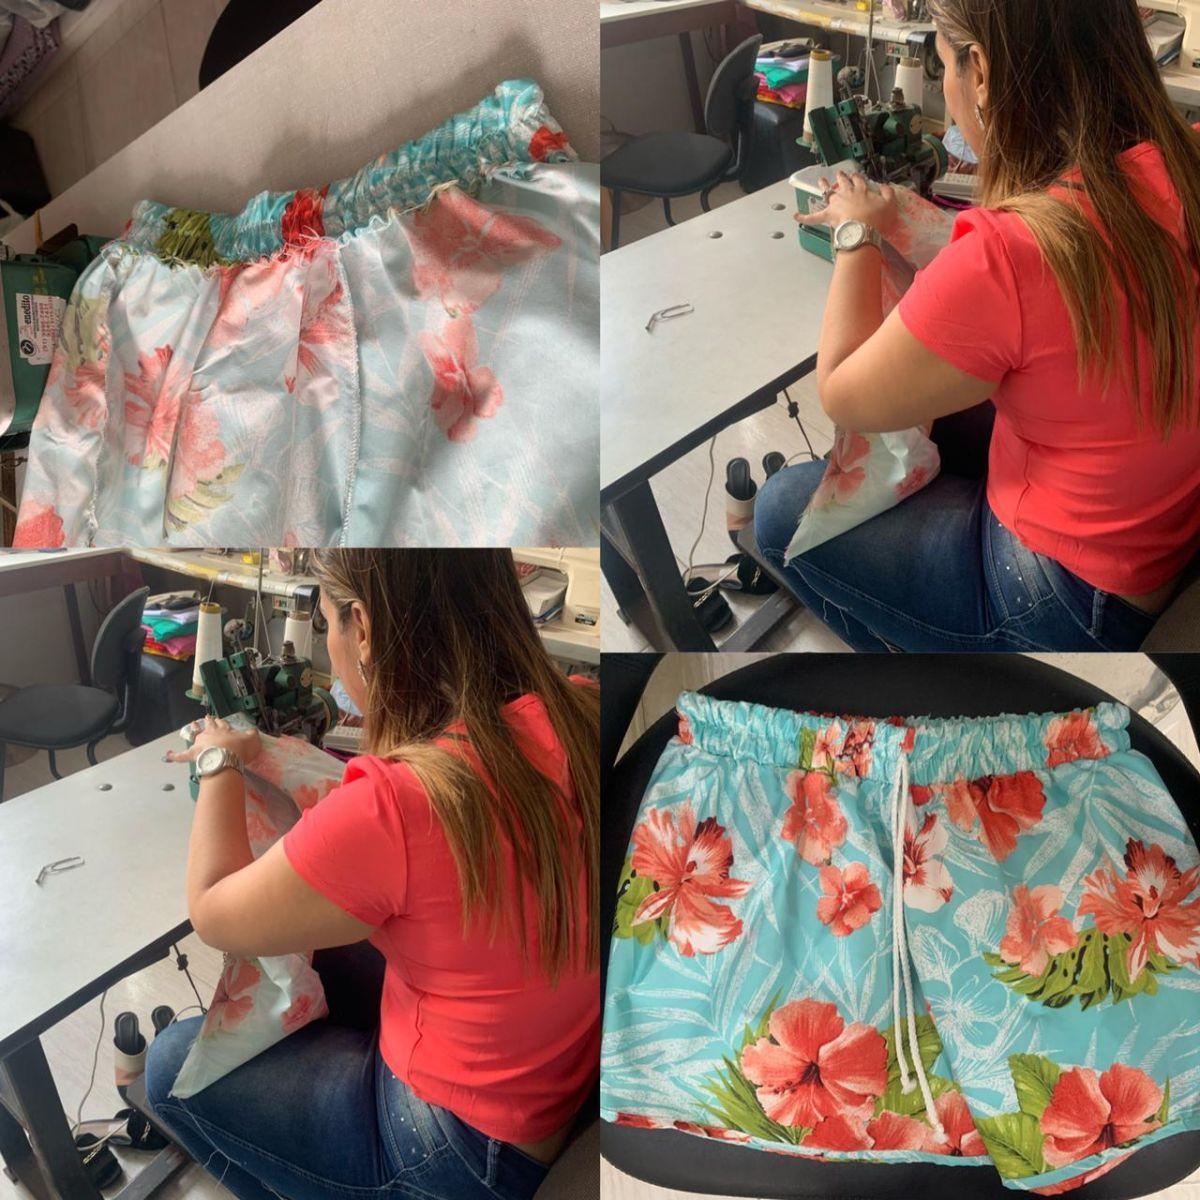 Confecções de roupas pelo Ateliê Laços de Fita. Imagem: Rafaela Moreira